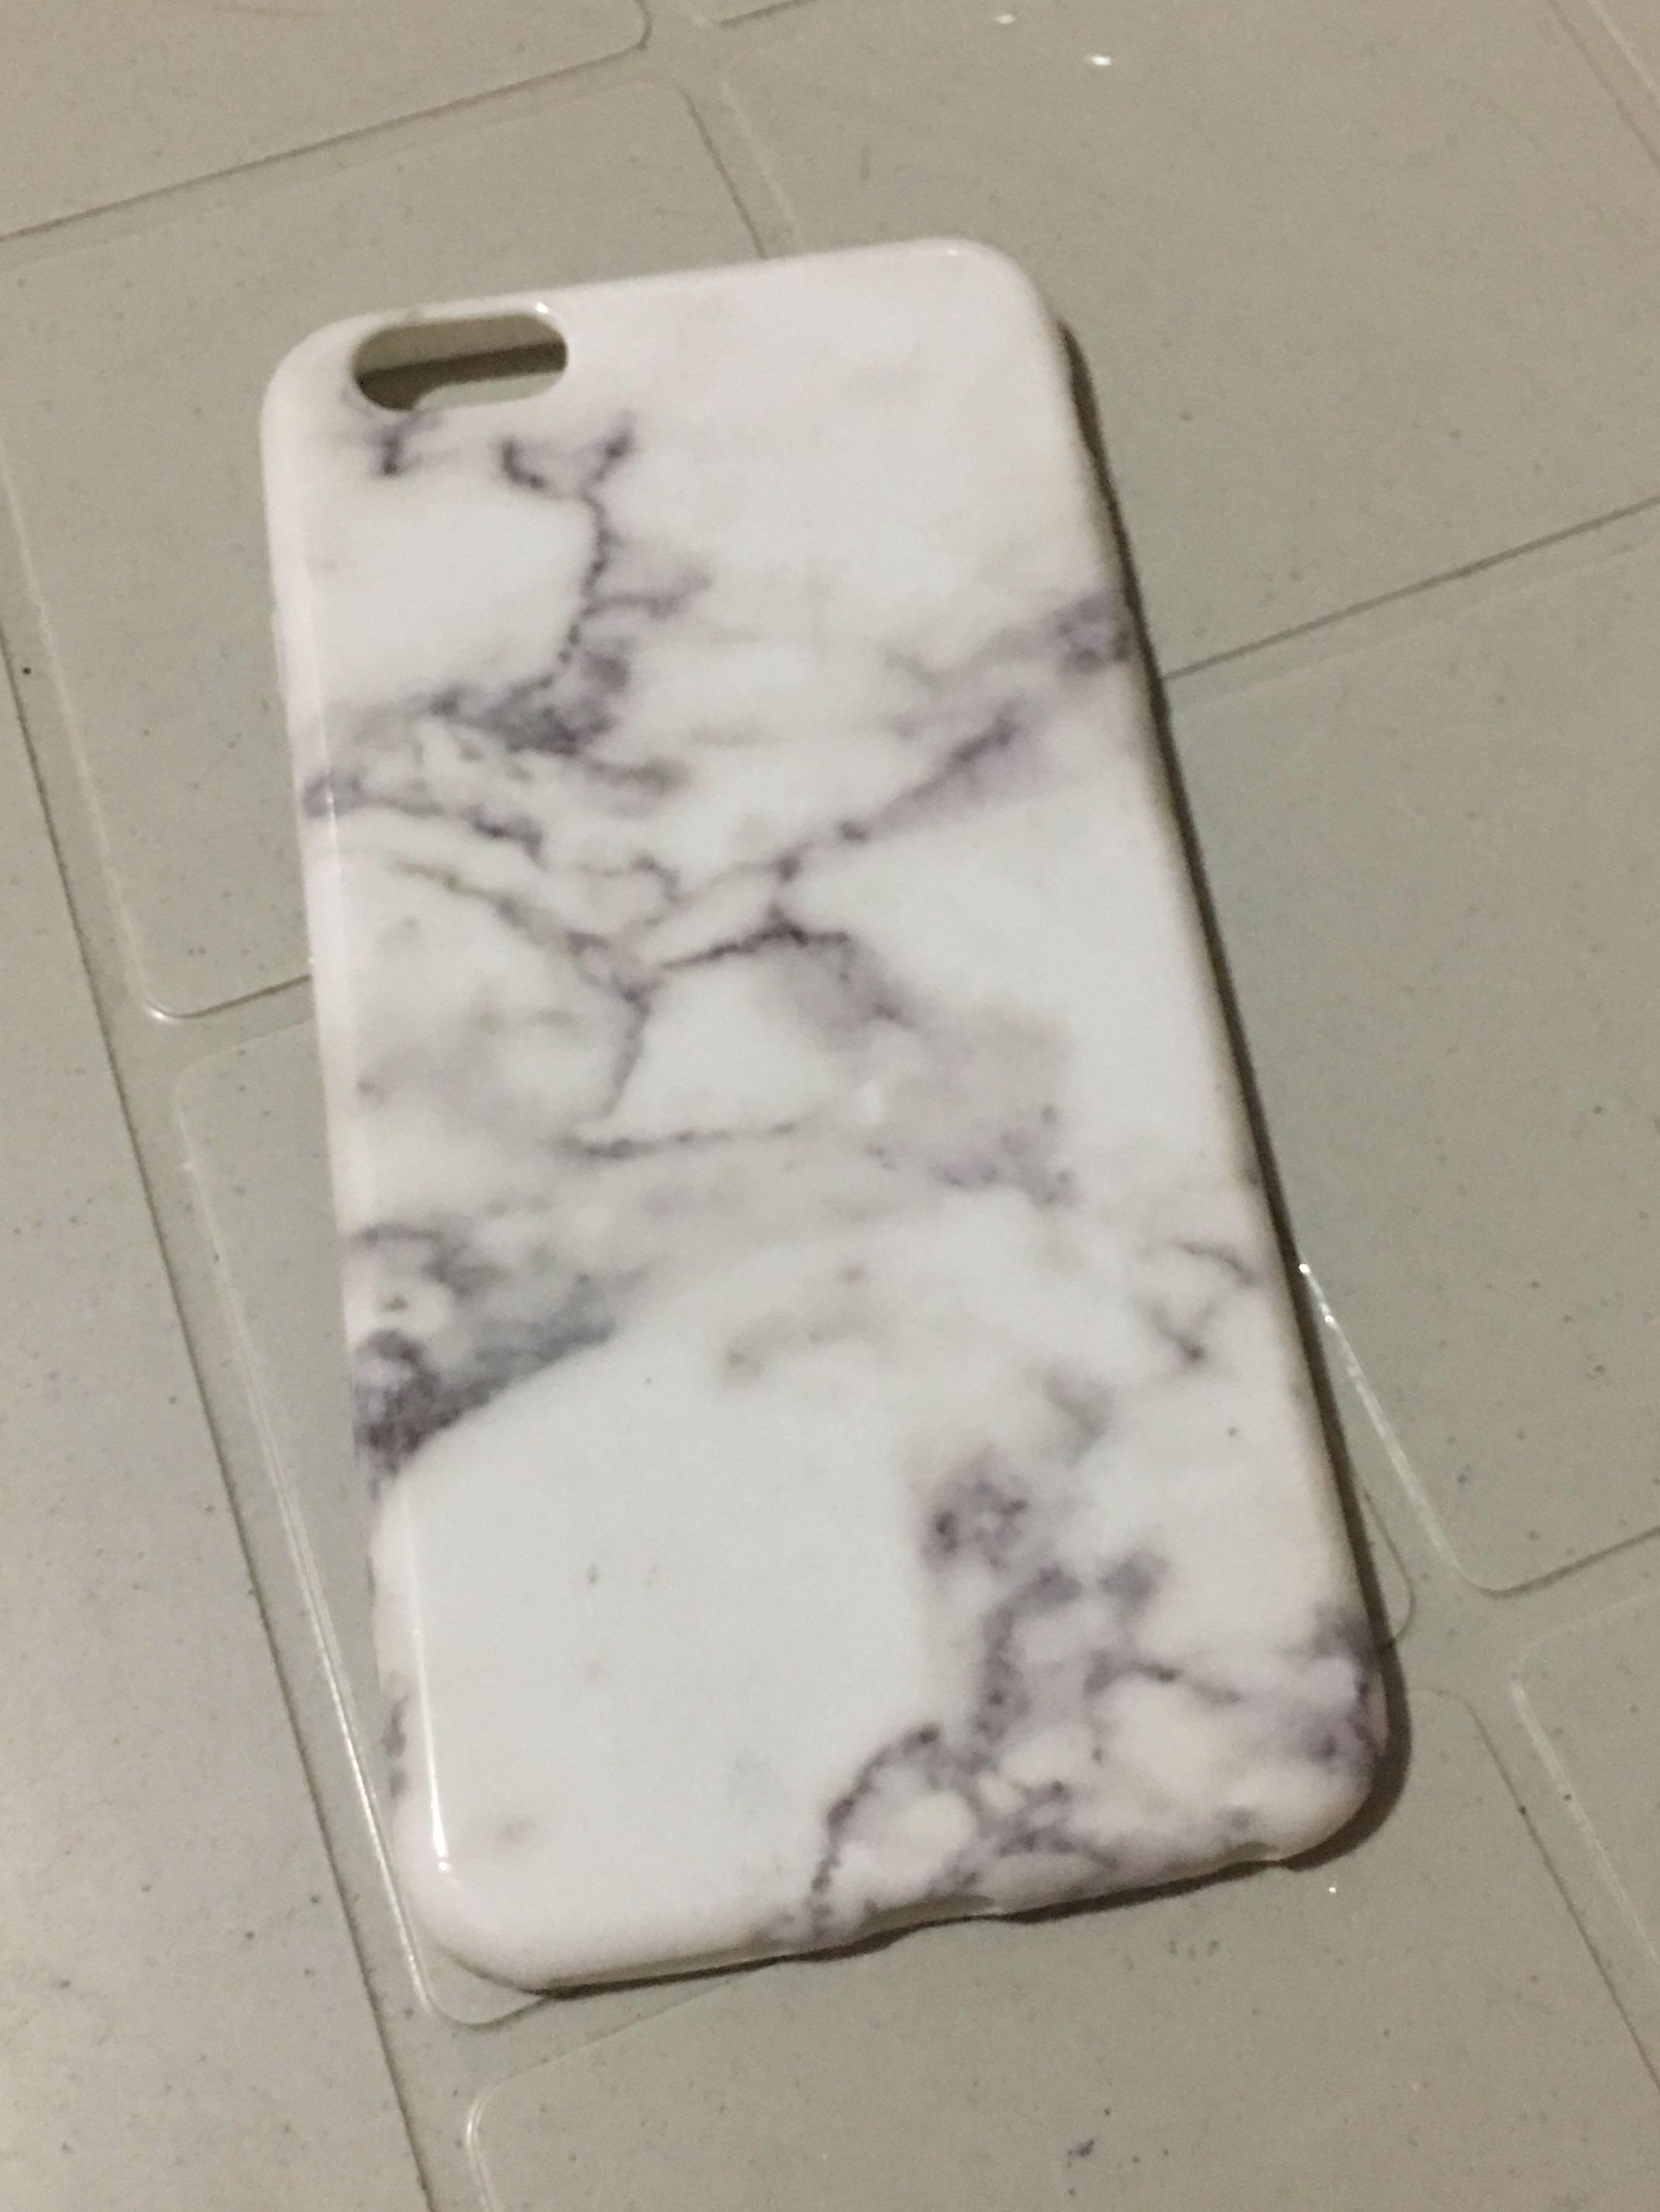 Marble Case Design For iPhone 6 Plus/6s Plus